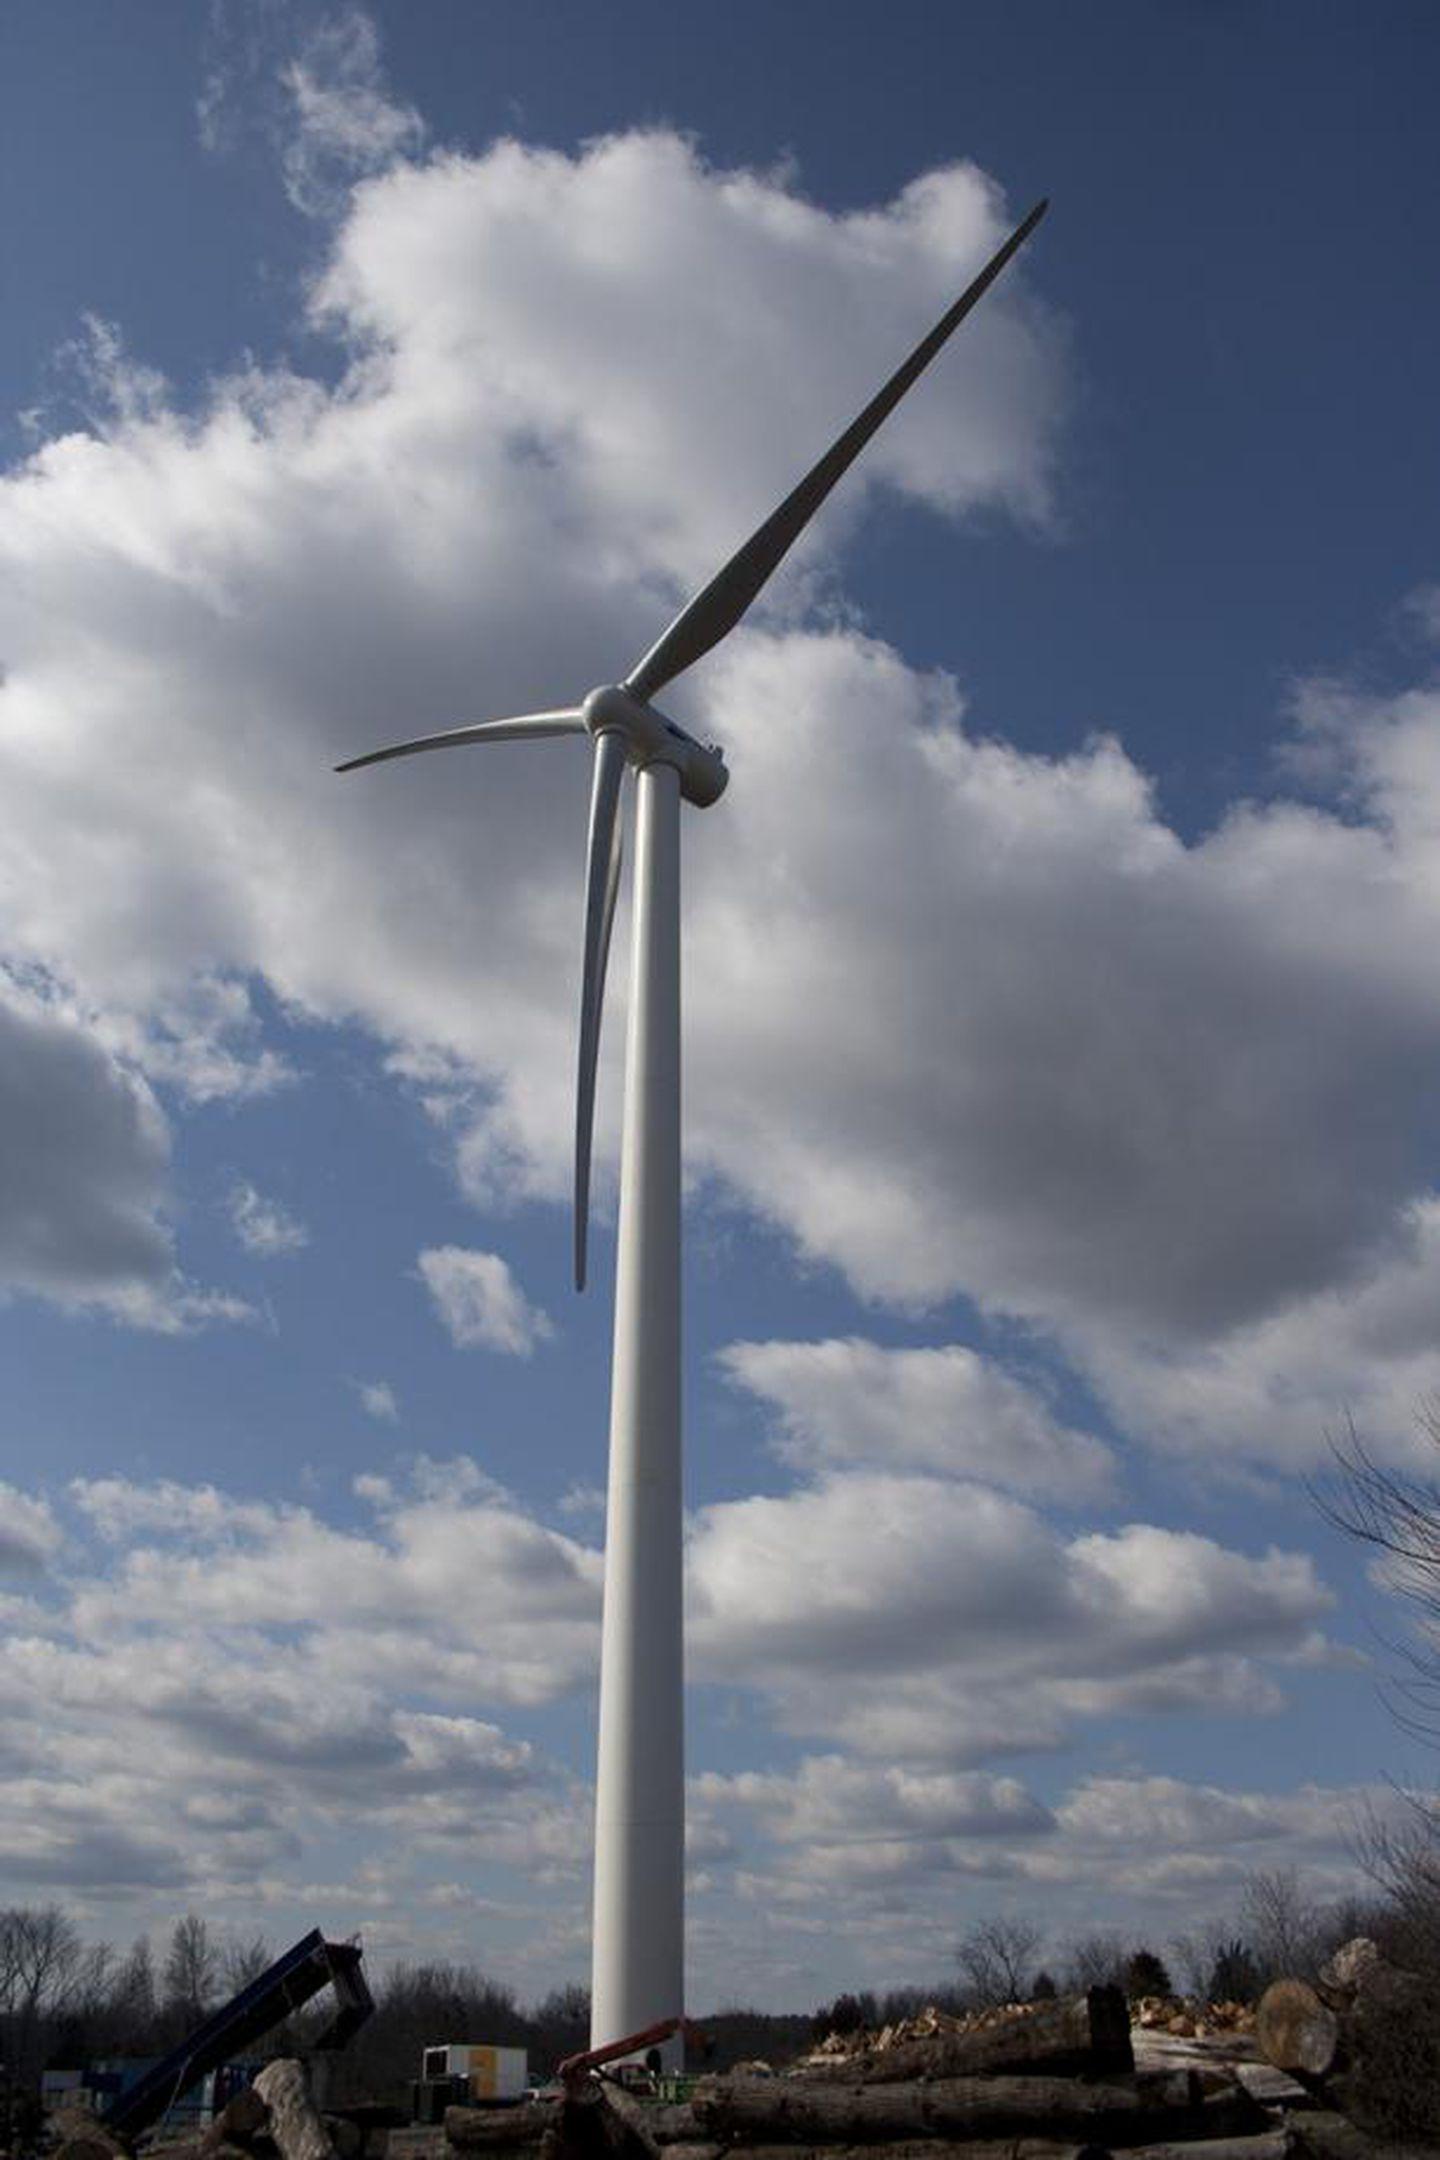 The Scituate wind turbine.